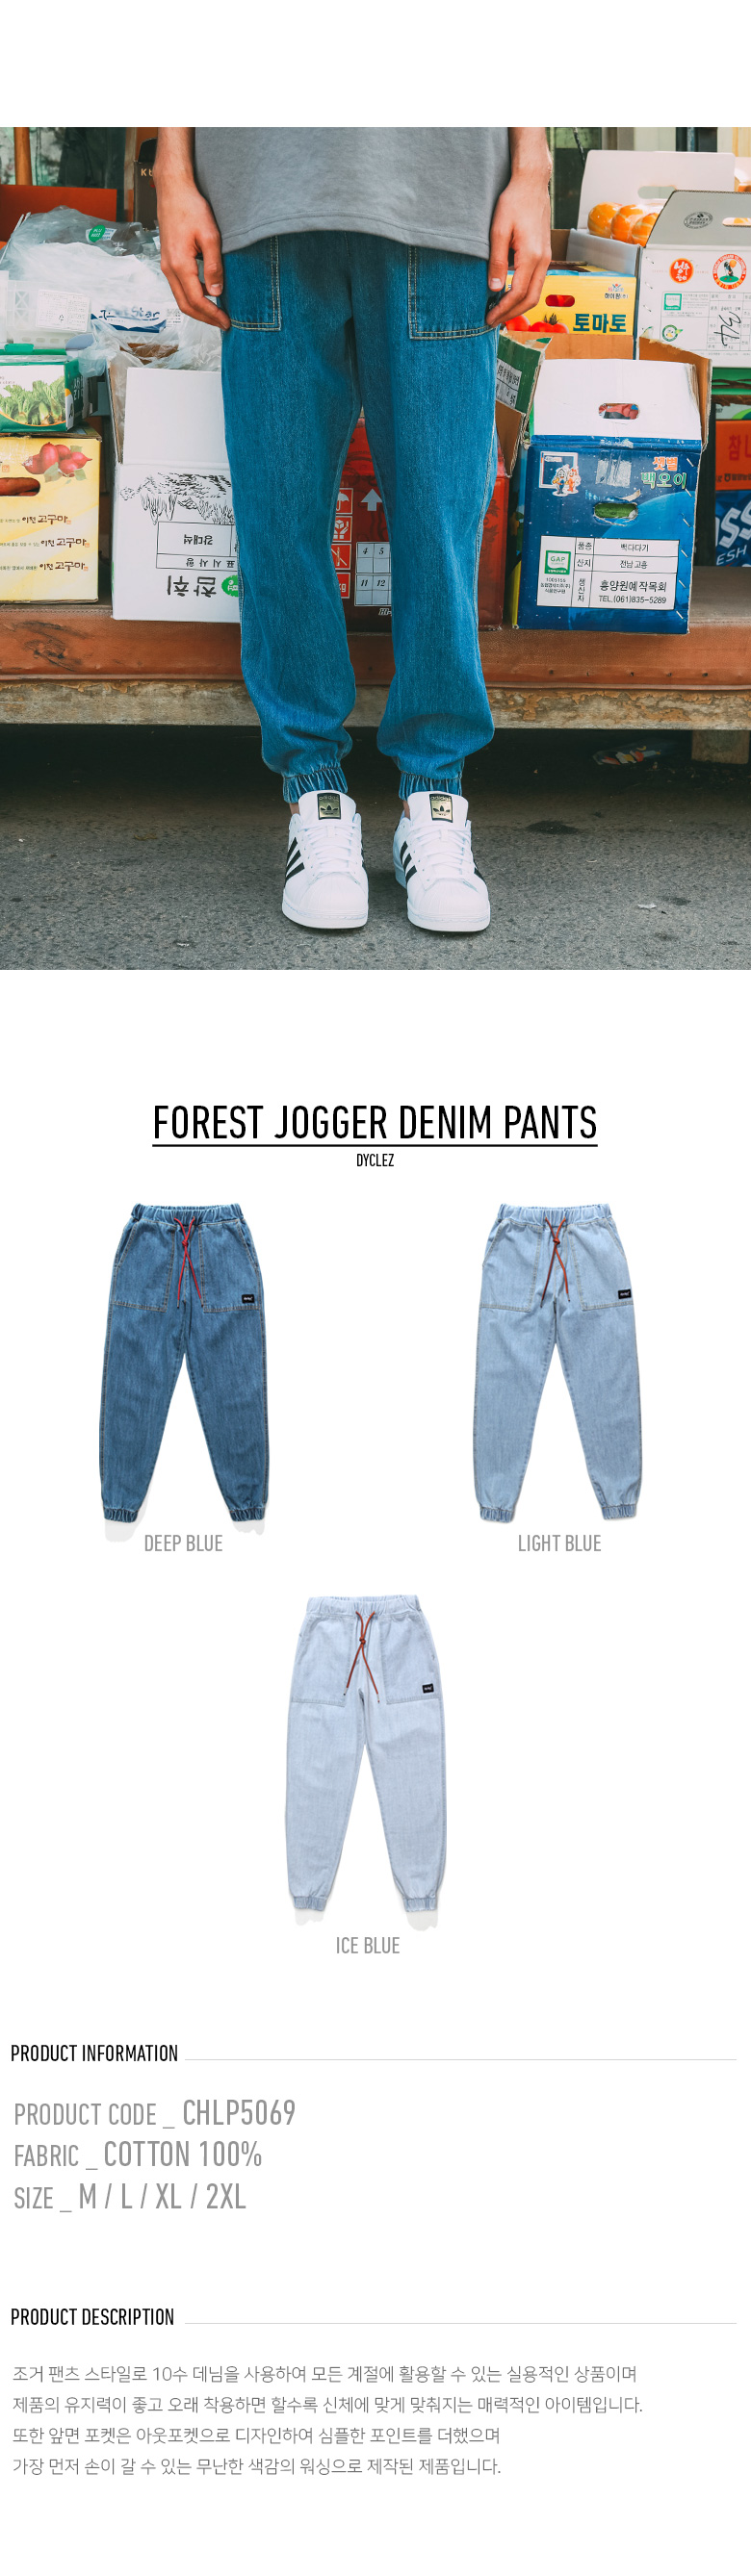 20190422_dy_forestjogger_model_kang_01.jpg